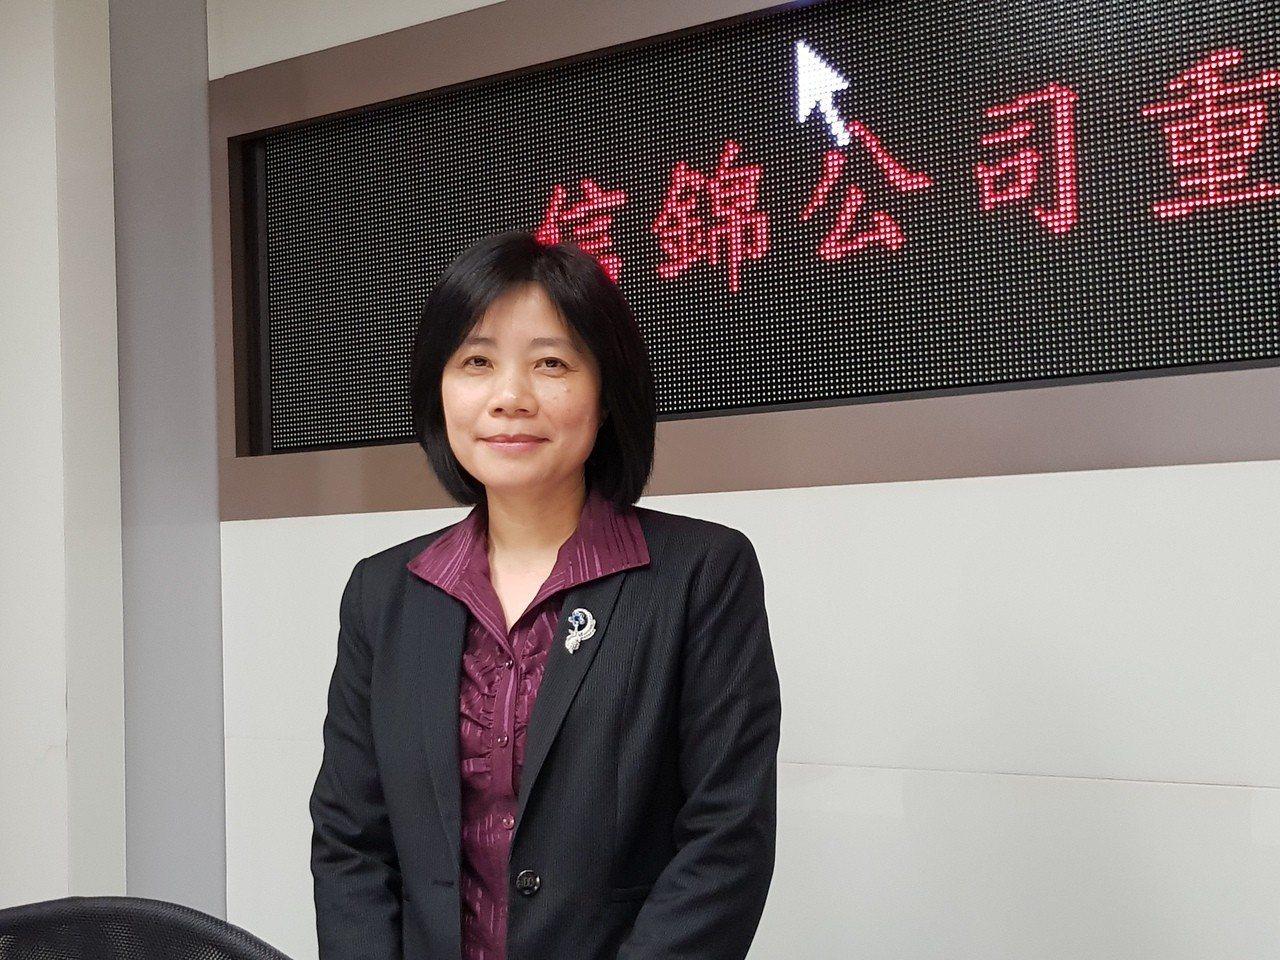 信錦總管理處副總許淑芬。(記者曾仁凱/攝影)